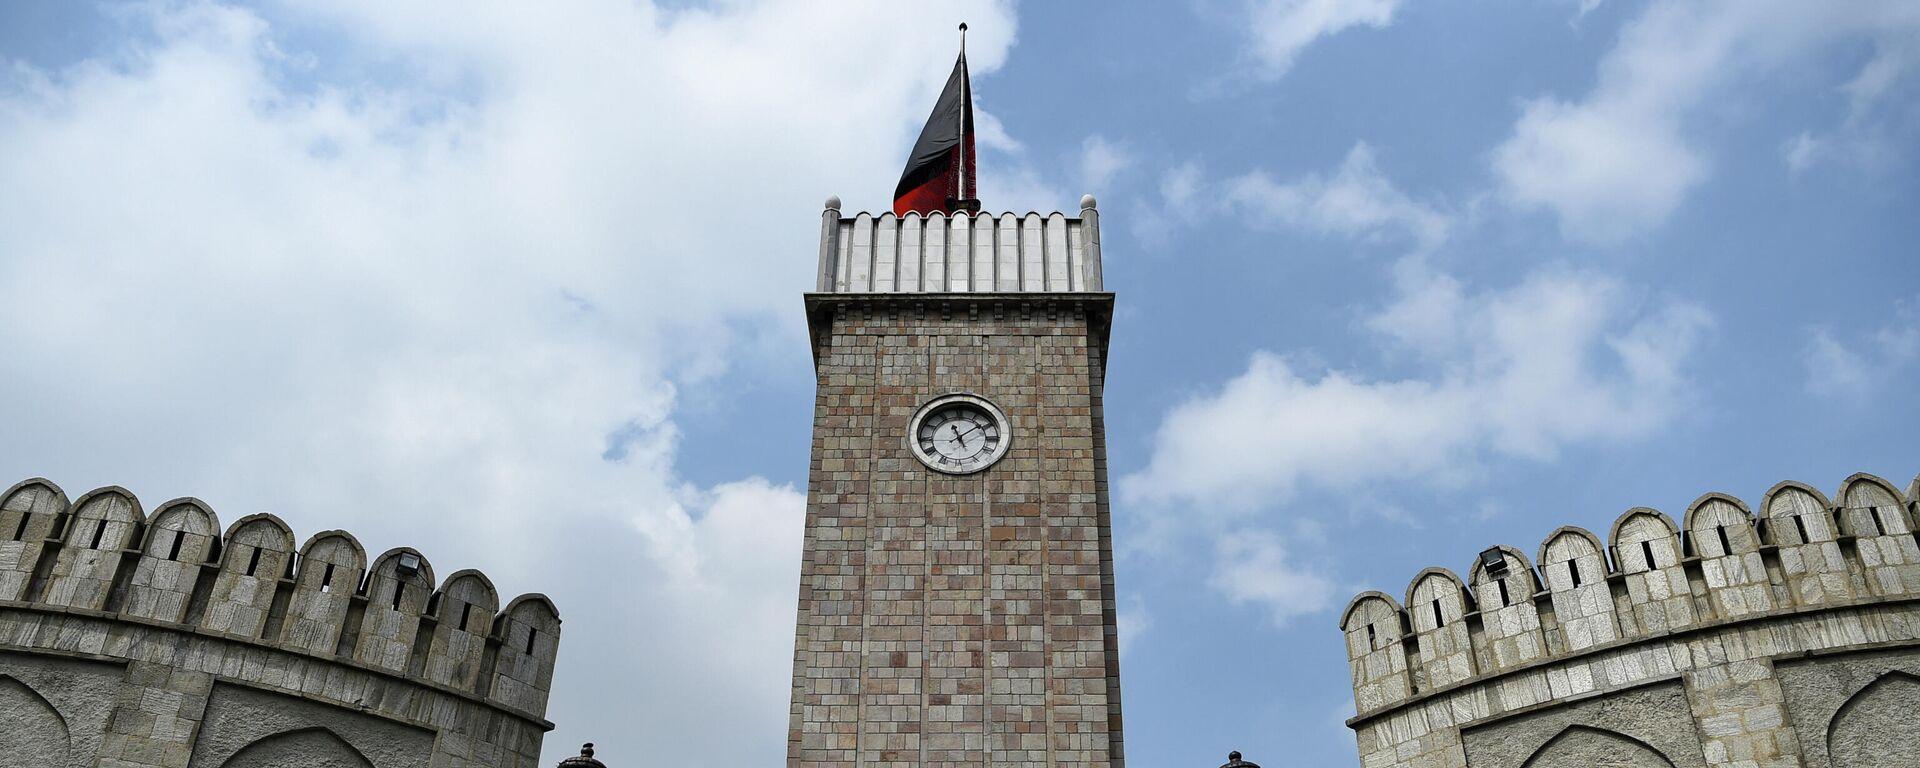 El Palacio Presidencial en Kabul - Sputnik Mundo, 1920, 15.08.2021